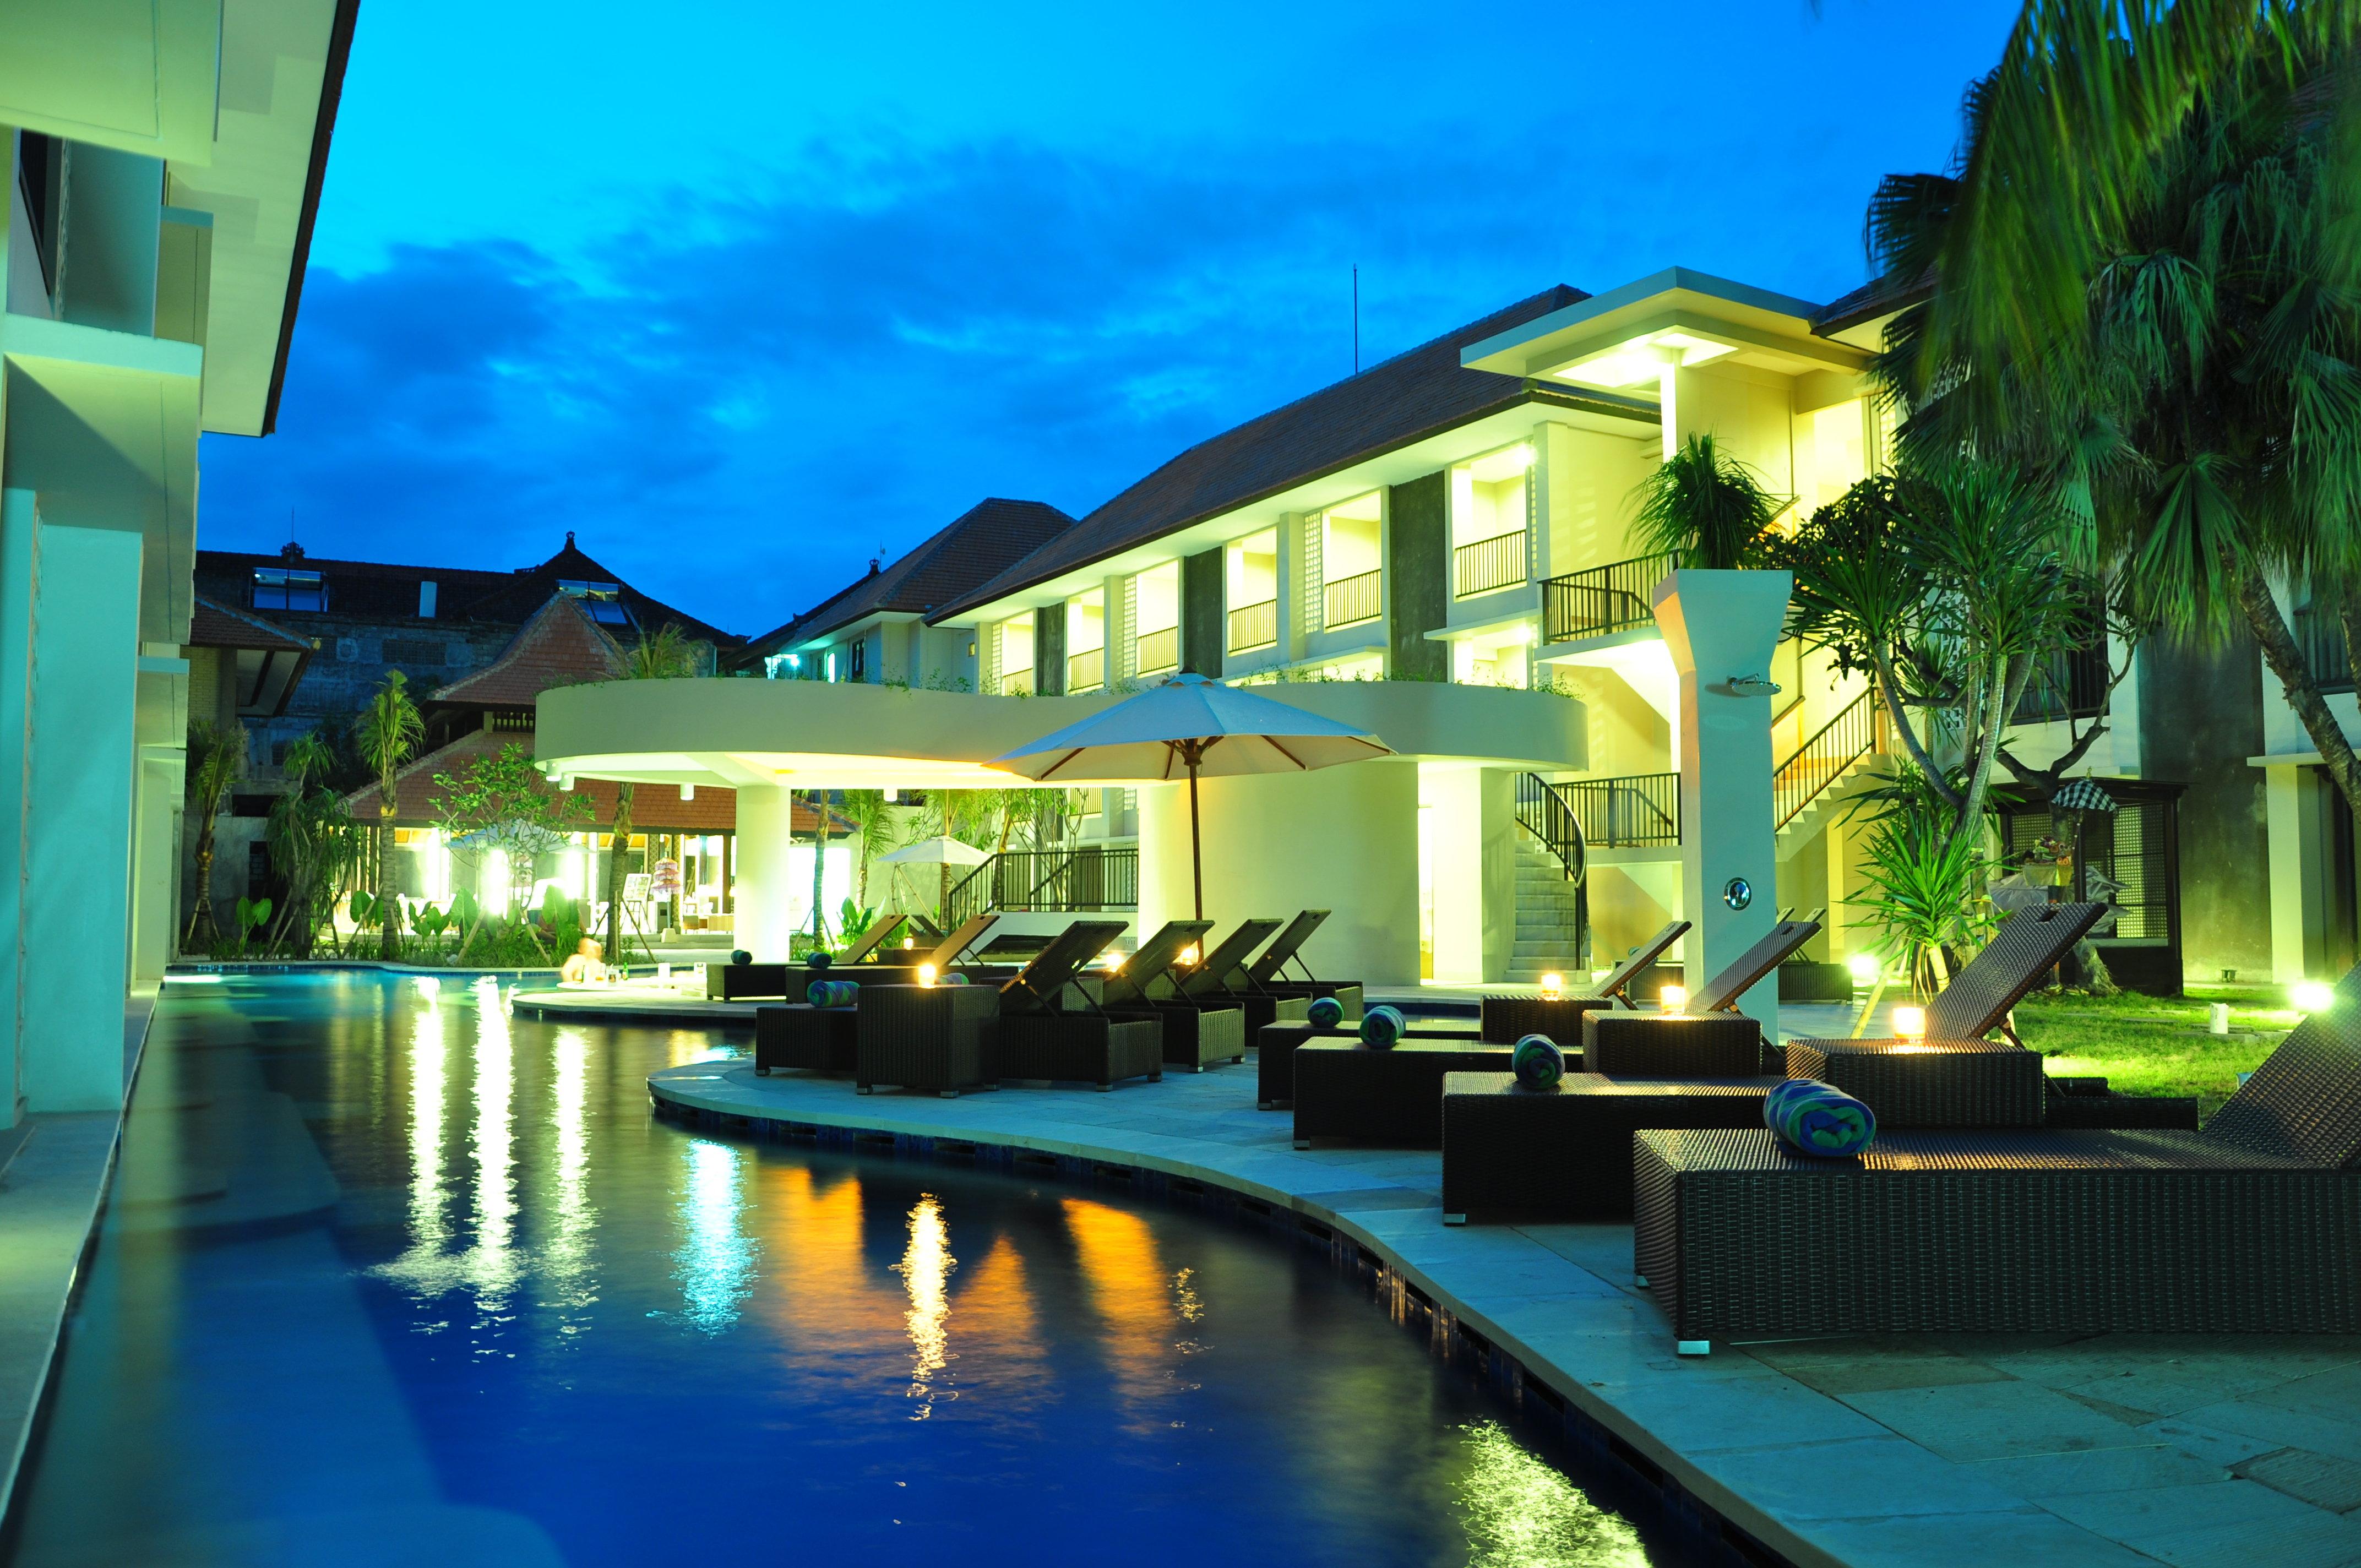 grand barong resort hotel. Black Bedroom Furniture Sets. Home Design Ideas